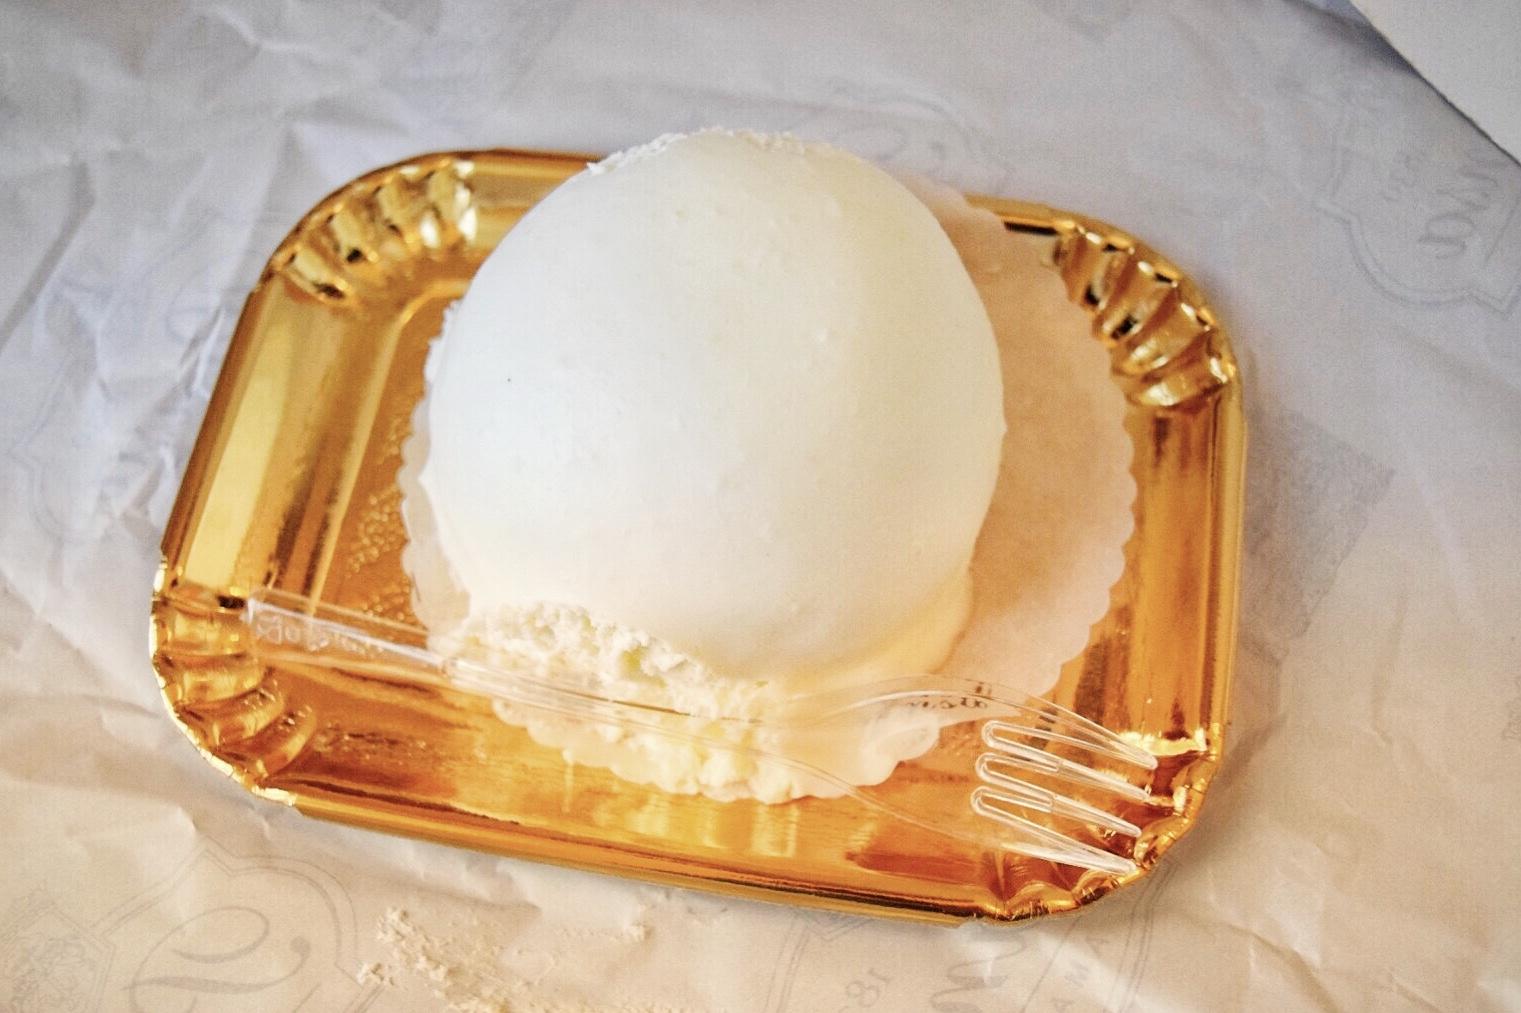 アンドレア・パンサのレモンケーキ